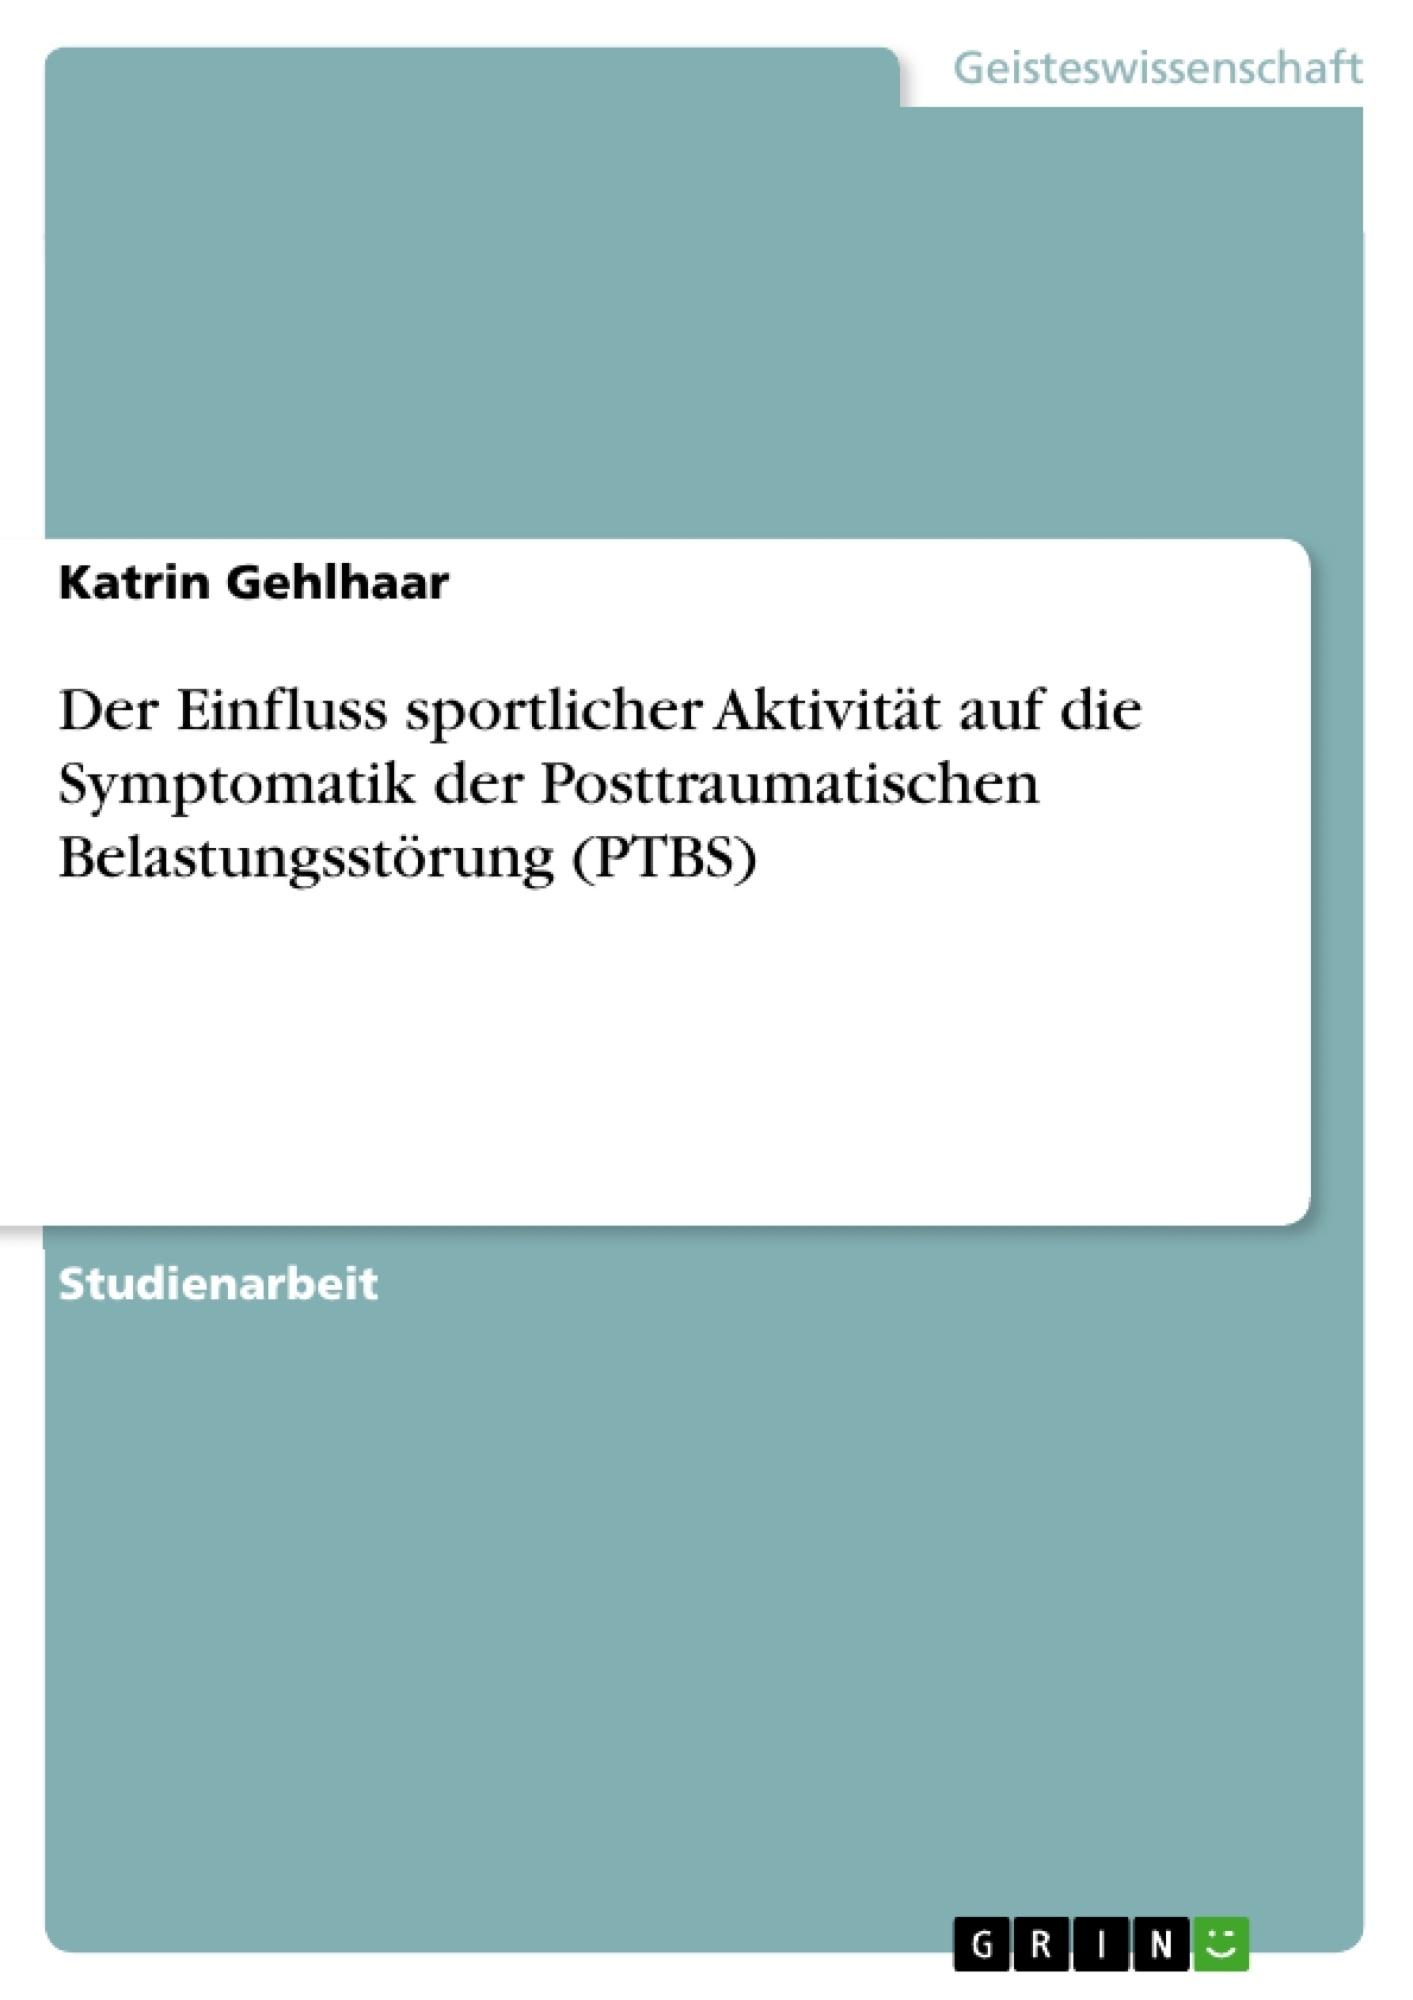 Titel: Der Einfluss sportlicher Aktivität auf die Symptomatik der Posttraumatischen Belastungsstörung (PTBS)